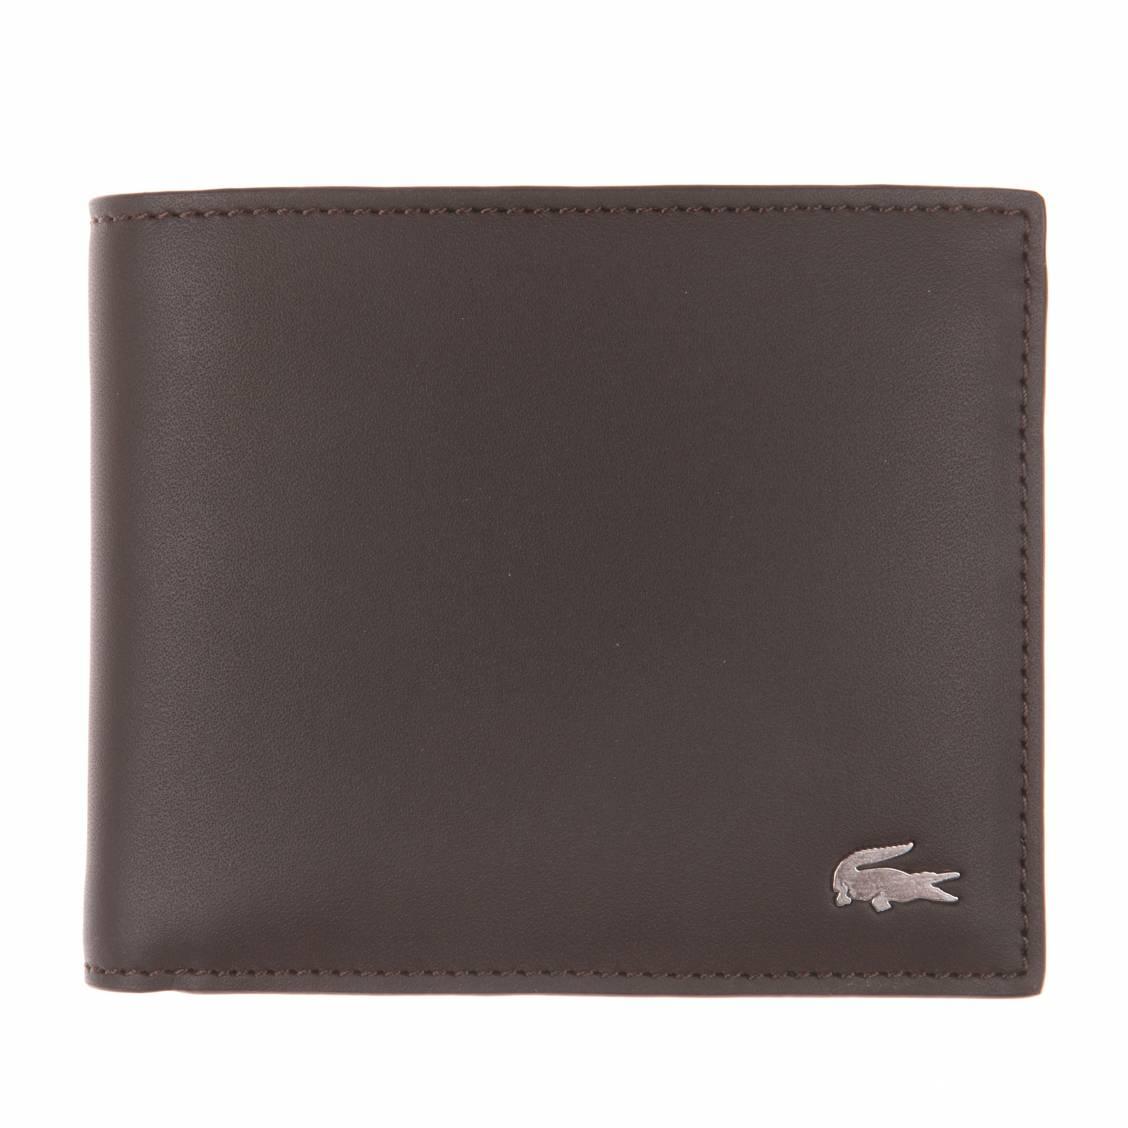 Portefeuille lacoste en cuir marron fonc porte monnaie rue des hommes - Portefeuille porte monnaie ...